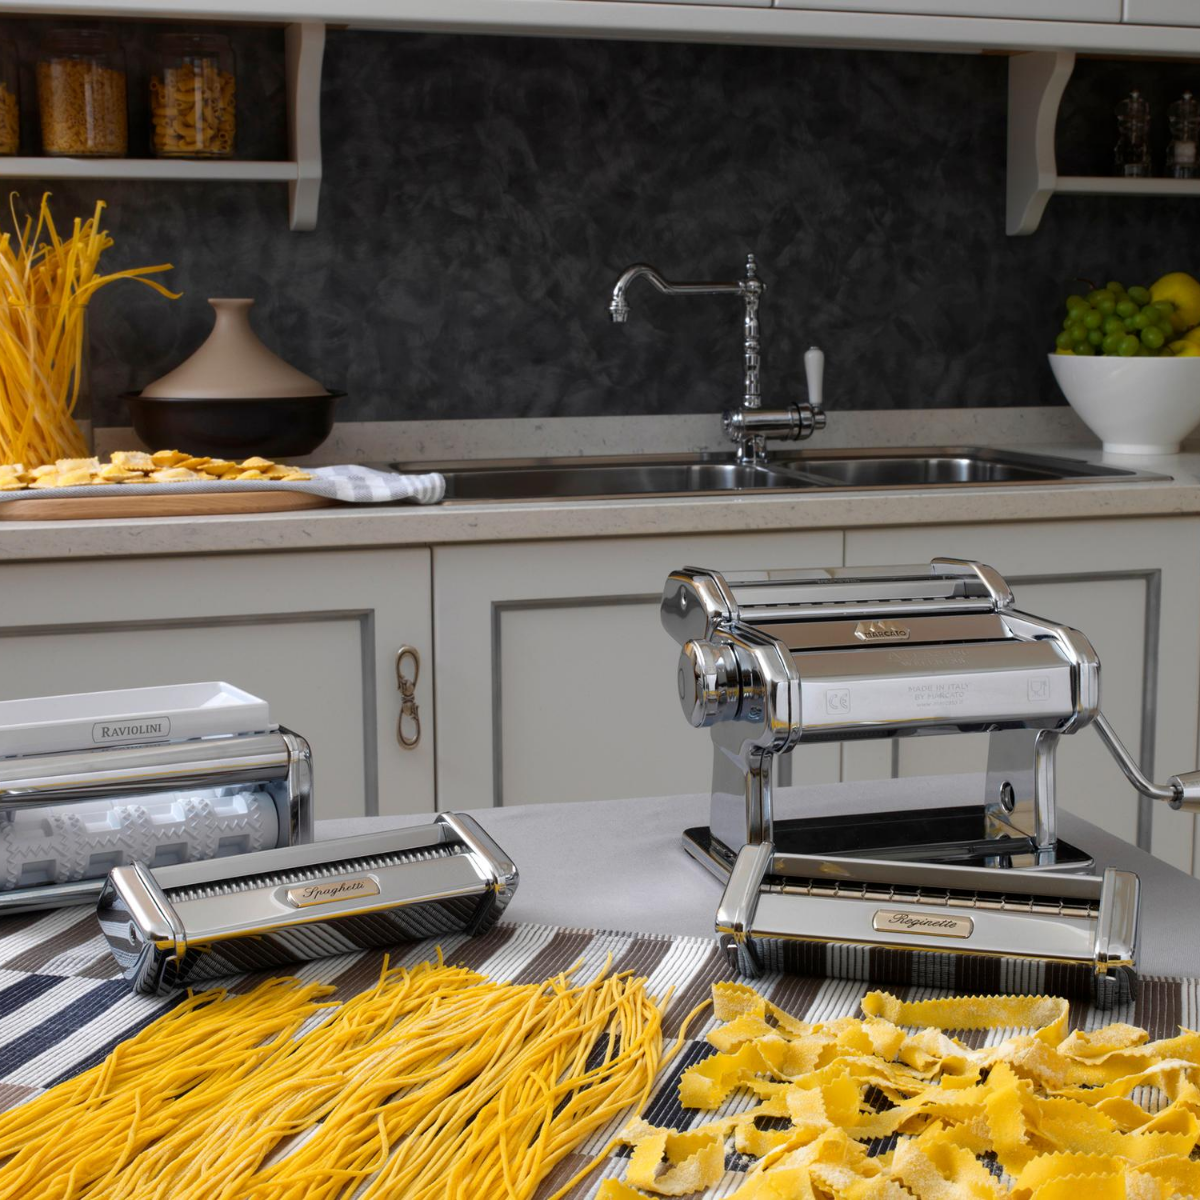 A máquina mais popular para fazer massas frescas caseiras. Ícone do Design e 100% Made in Italy. Com a Atlas 150, você pode facilmente fazer lasanha, fettuccine, tagliolini e outras formas de macarrão, graças à grande variedade de acessórios.